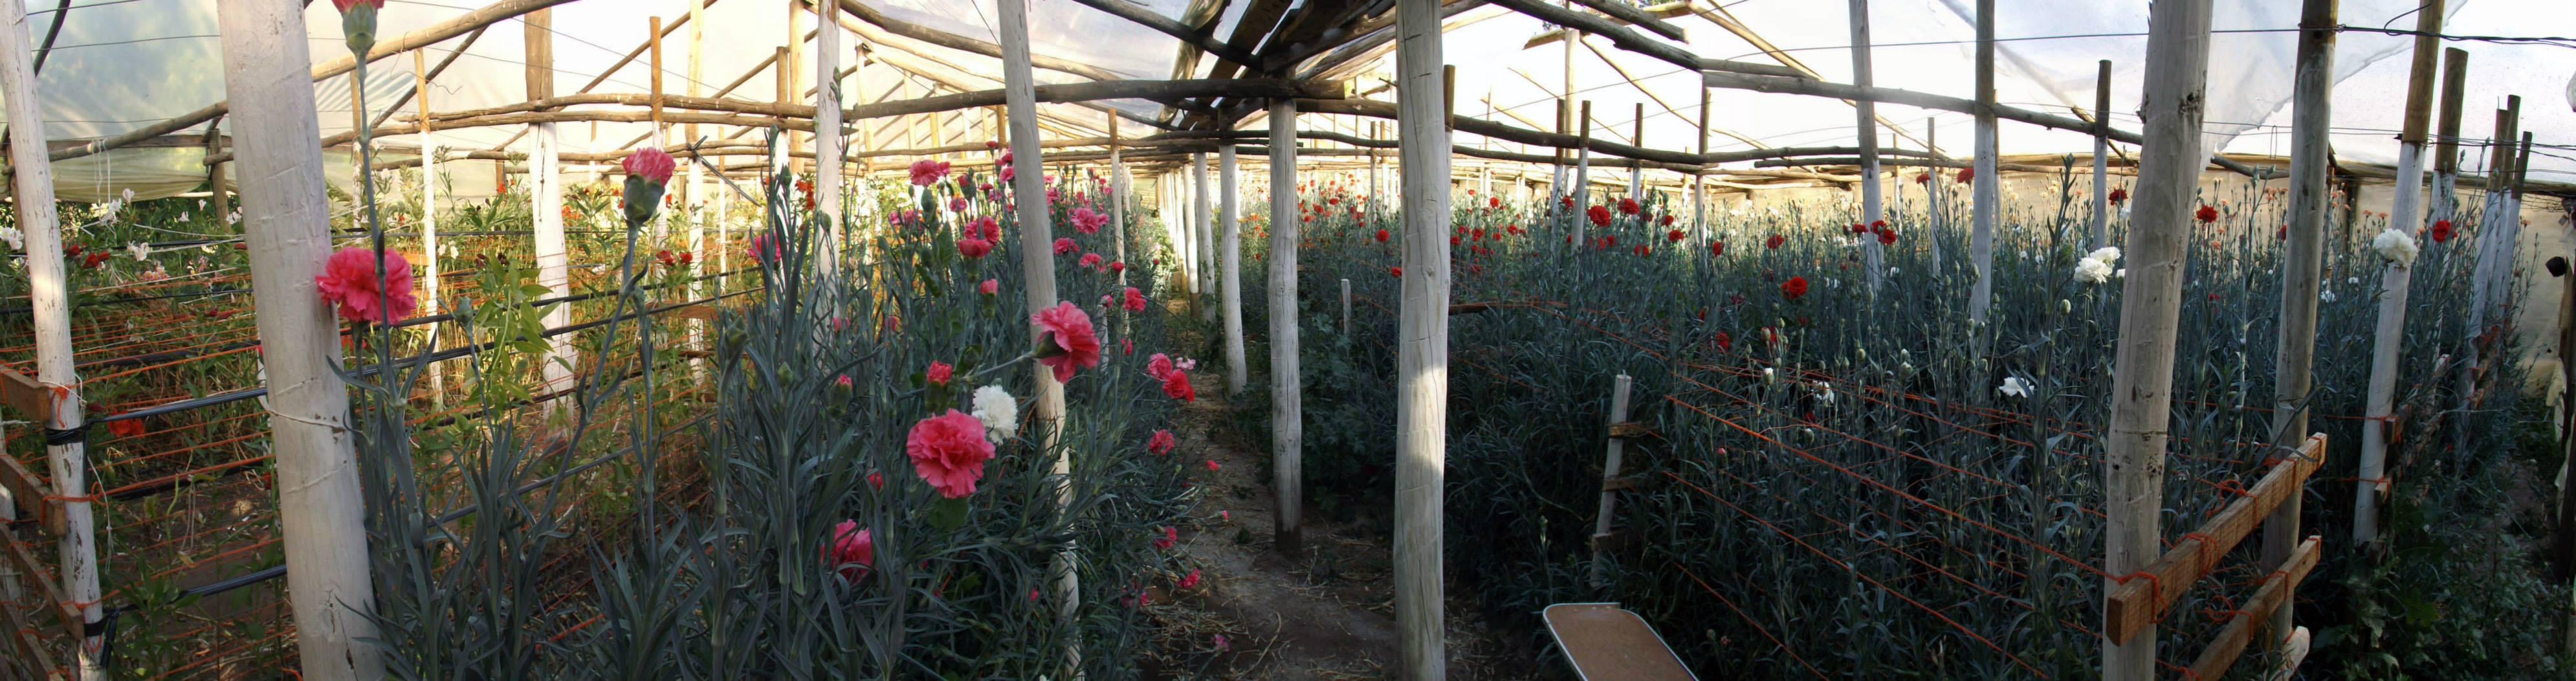 invernadero-flores